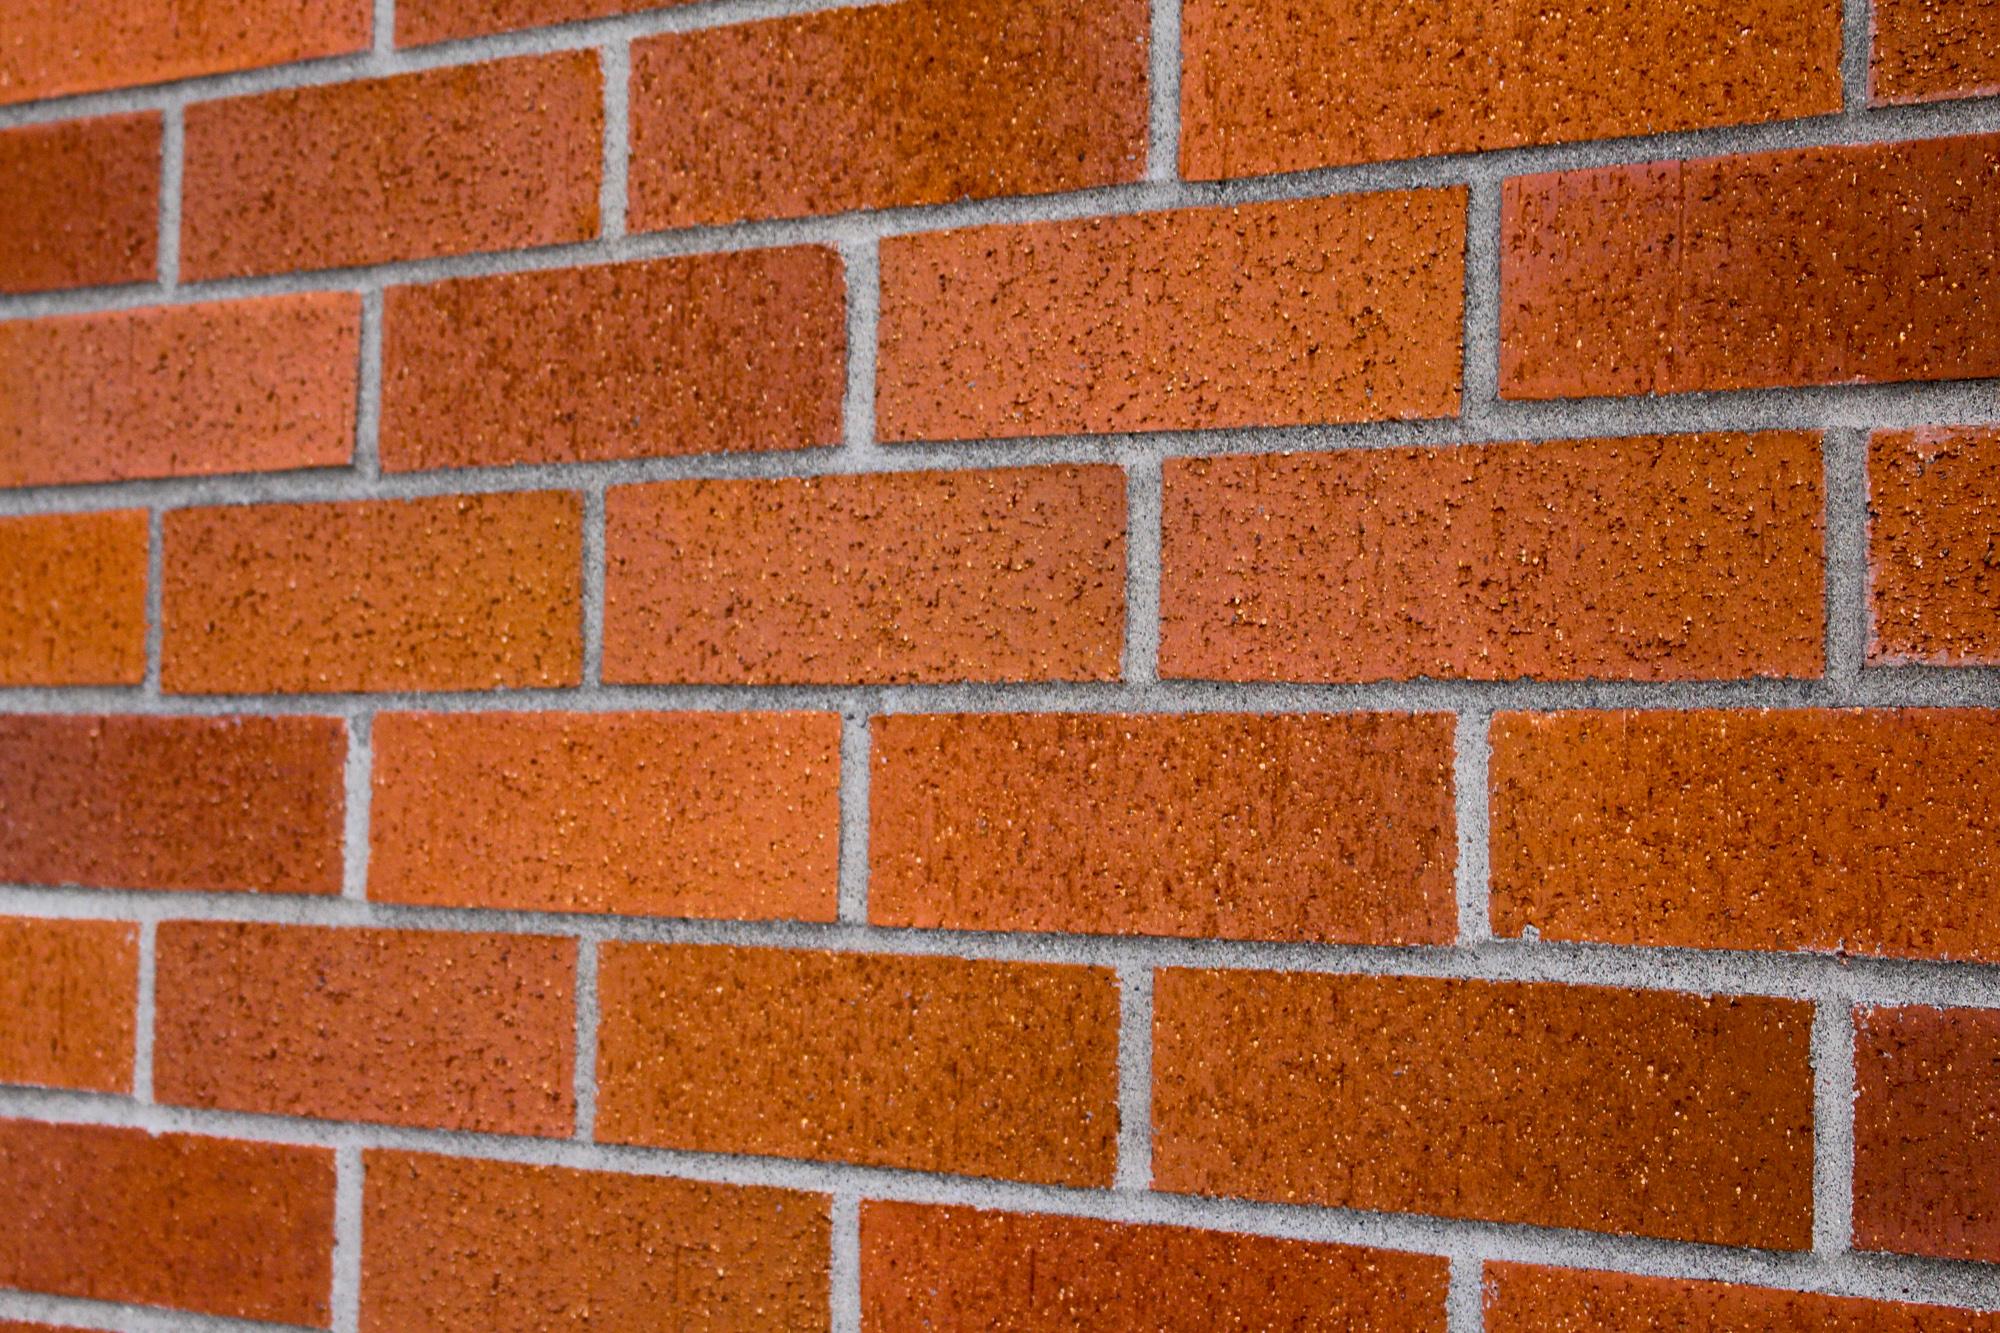 Clay brick ionstallation